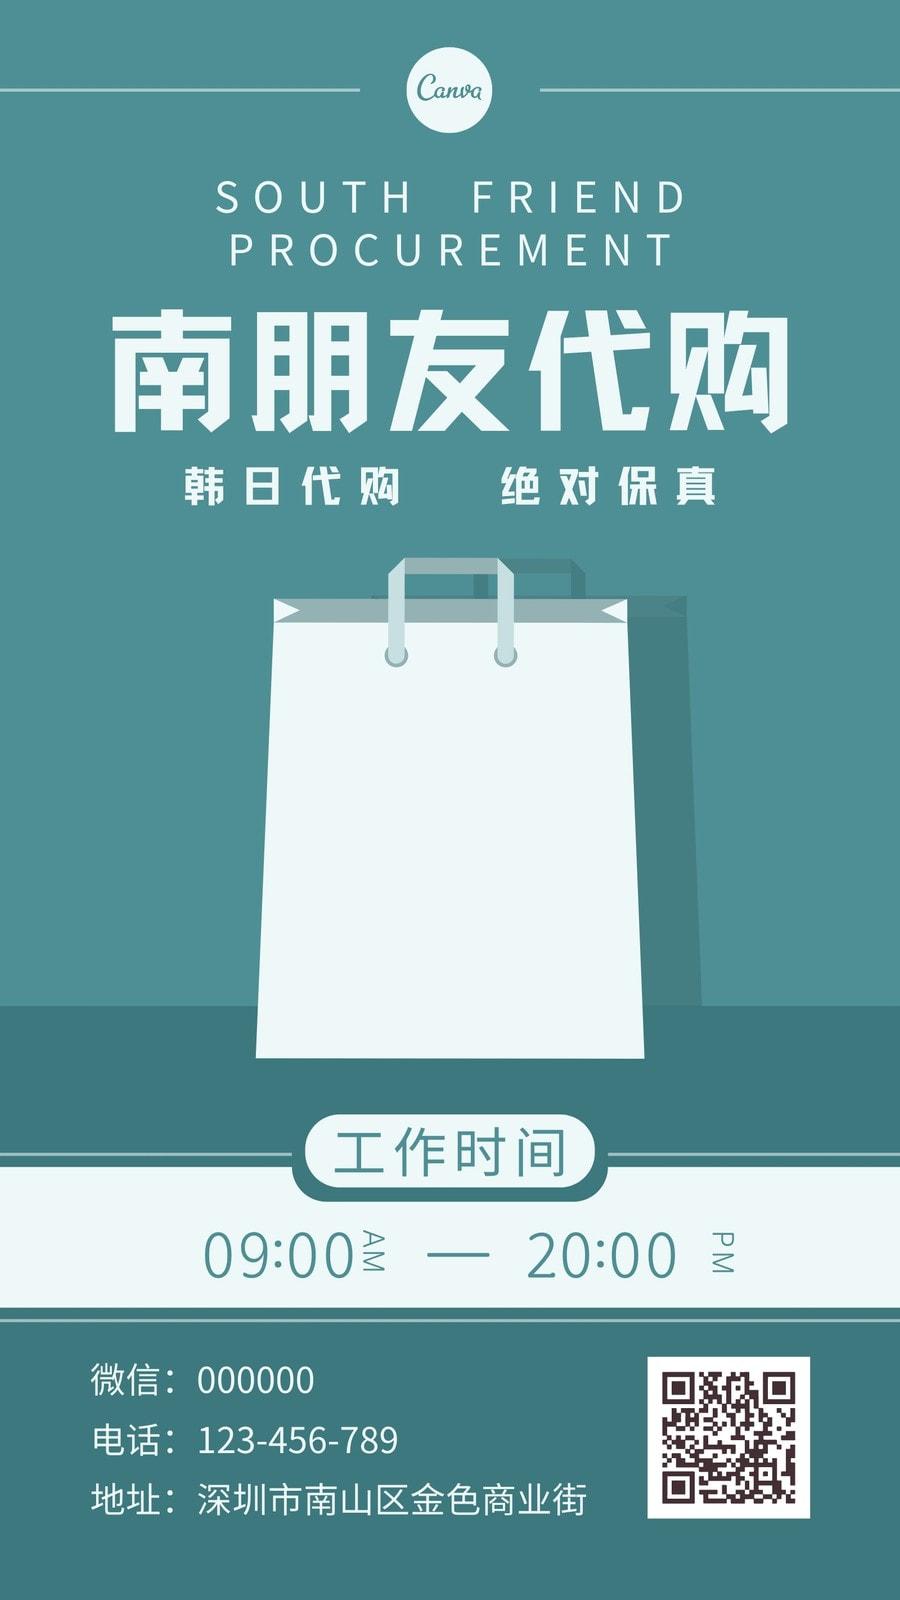 蓝白色矢量购物袋矢量个人宣传中文电子名片